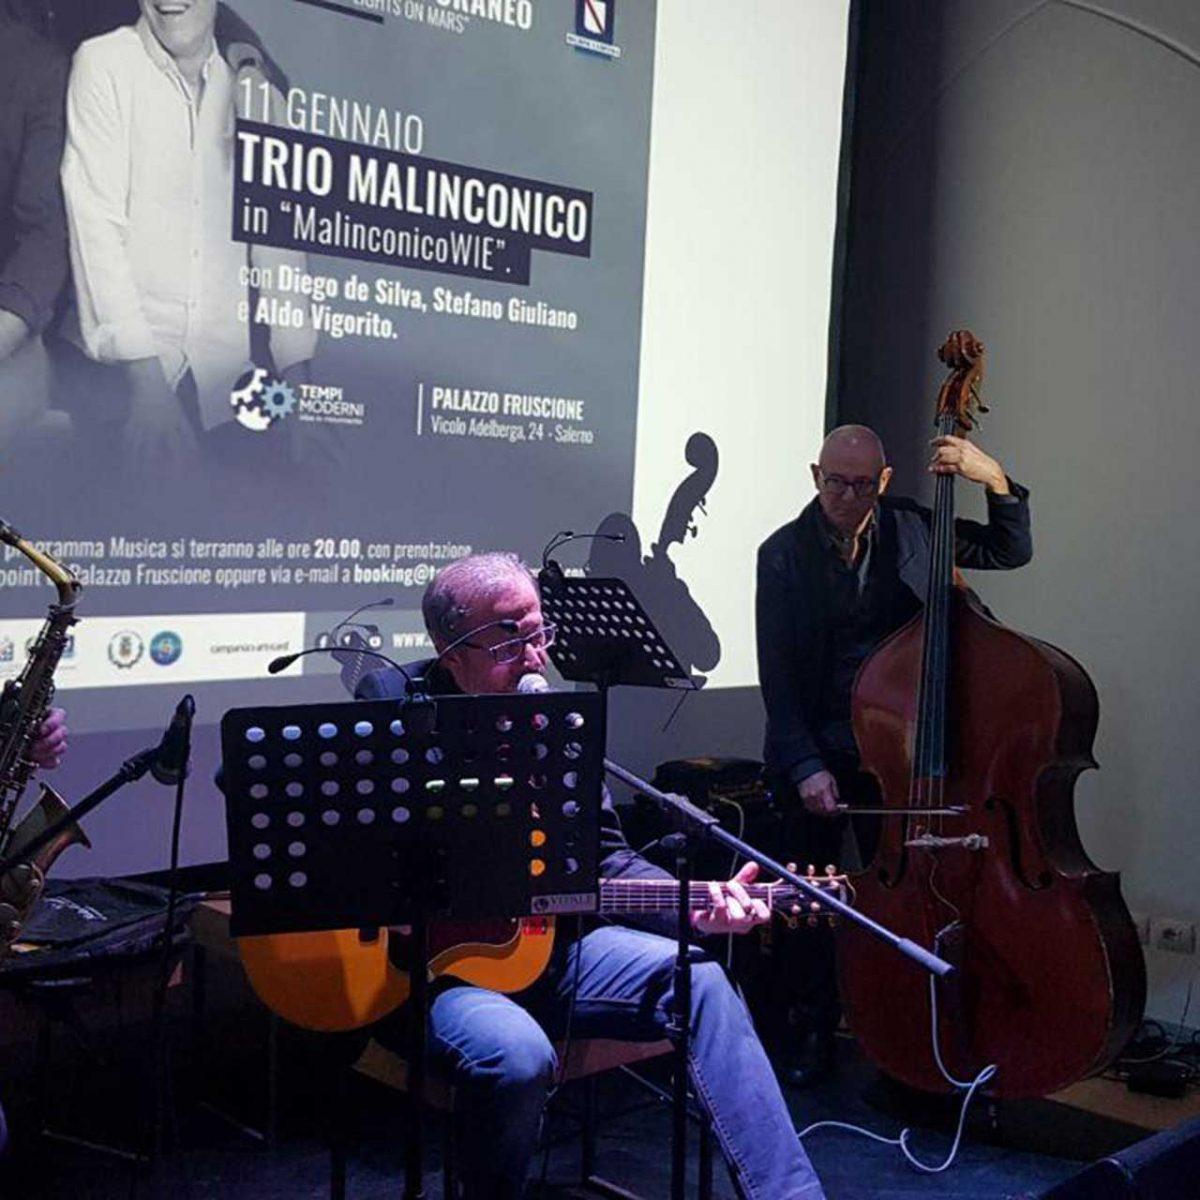 """Trio Malinconico in """"MalinconicoWIE"""""""